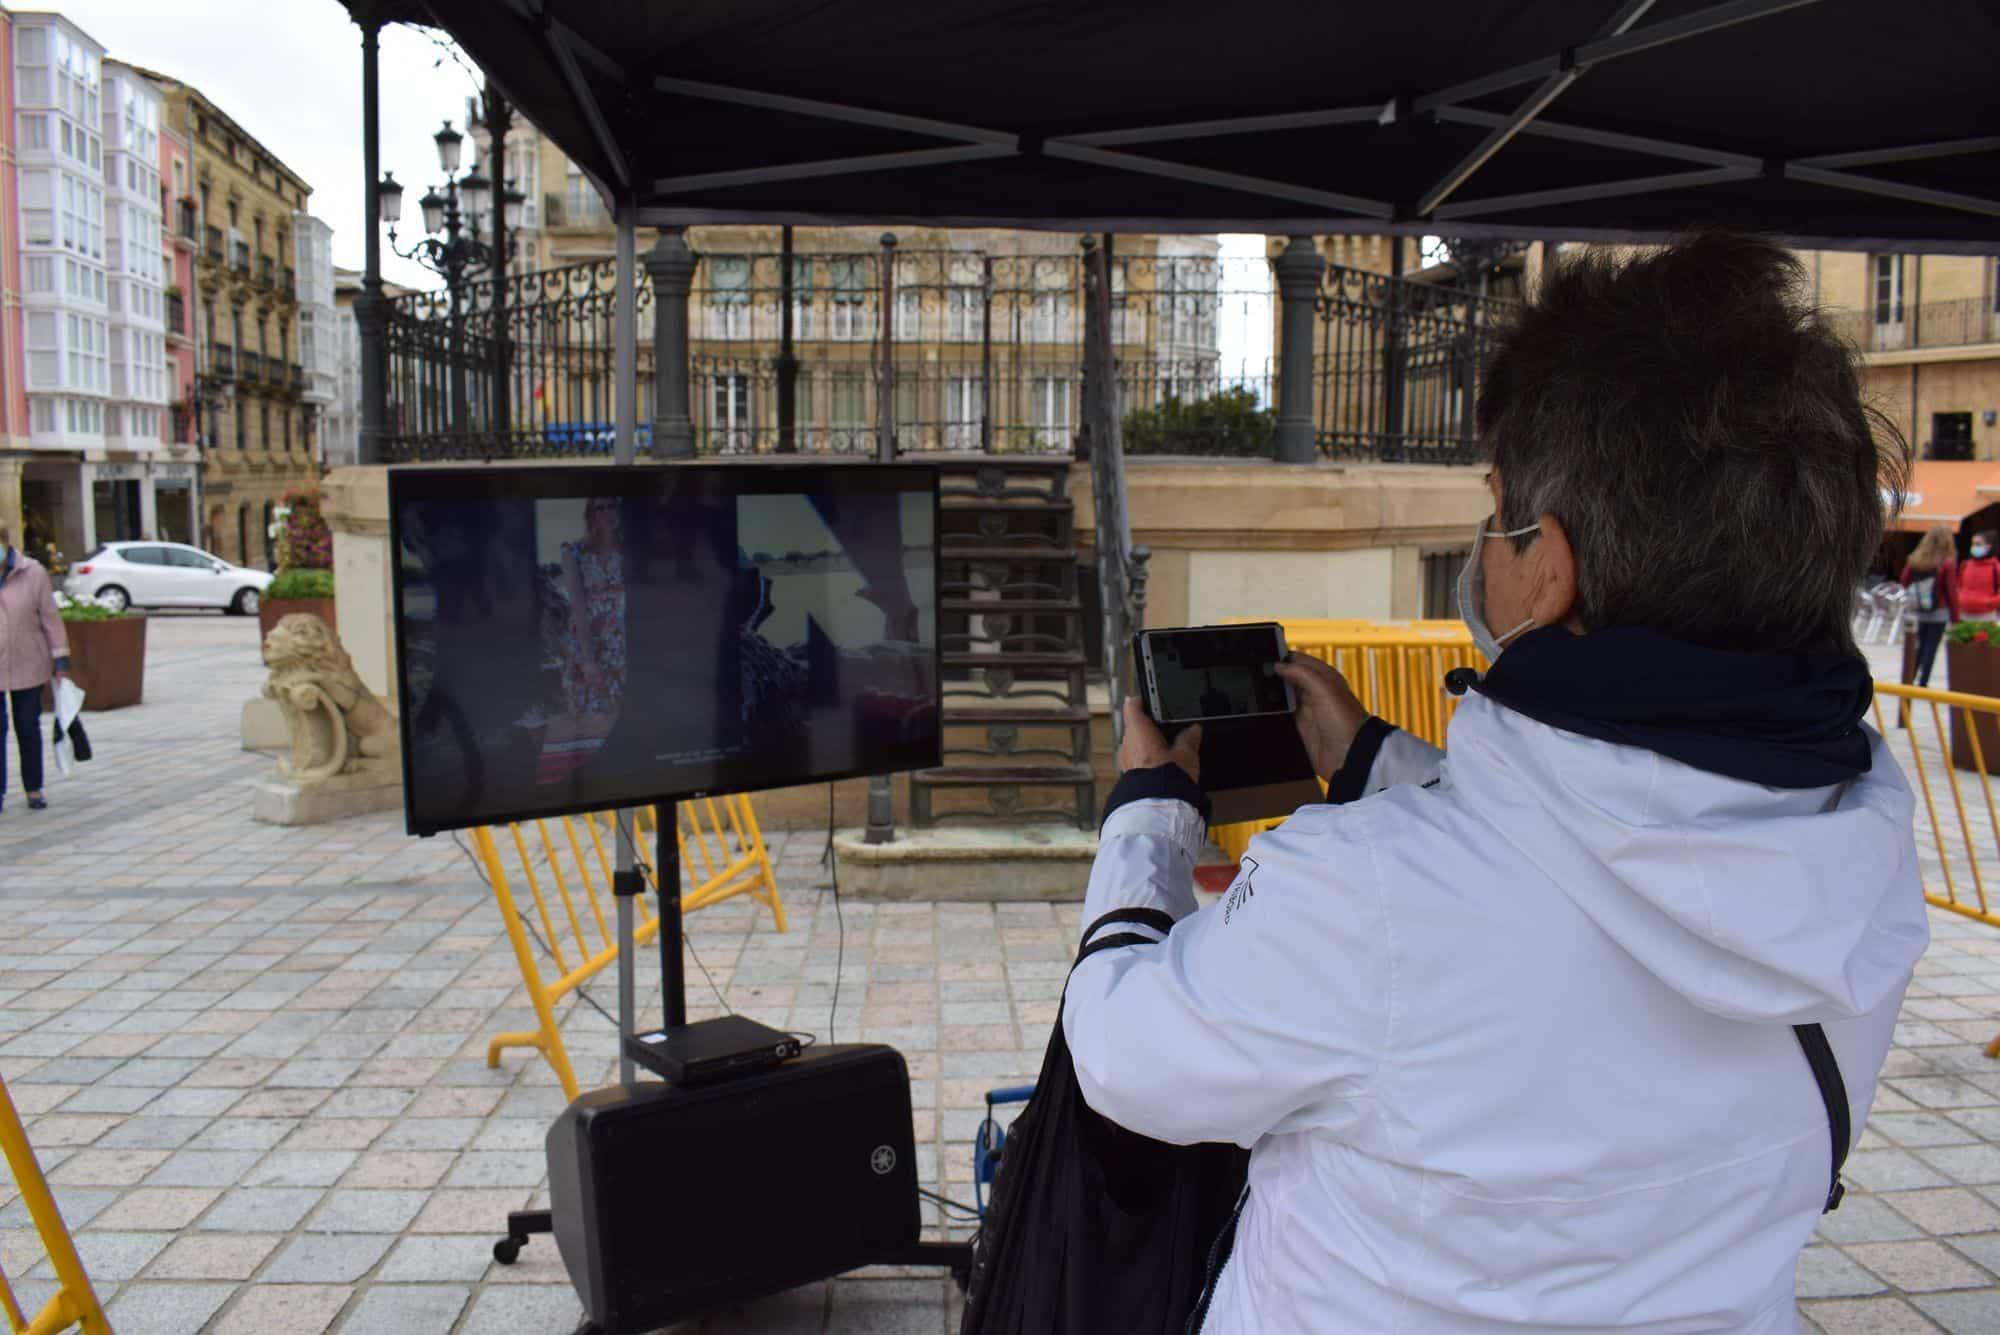 La plaza de la Paz estrena un photocall con el lema 'Haro, Capital del Rioja' 5